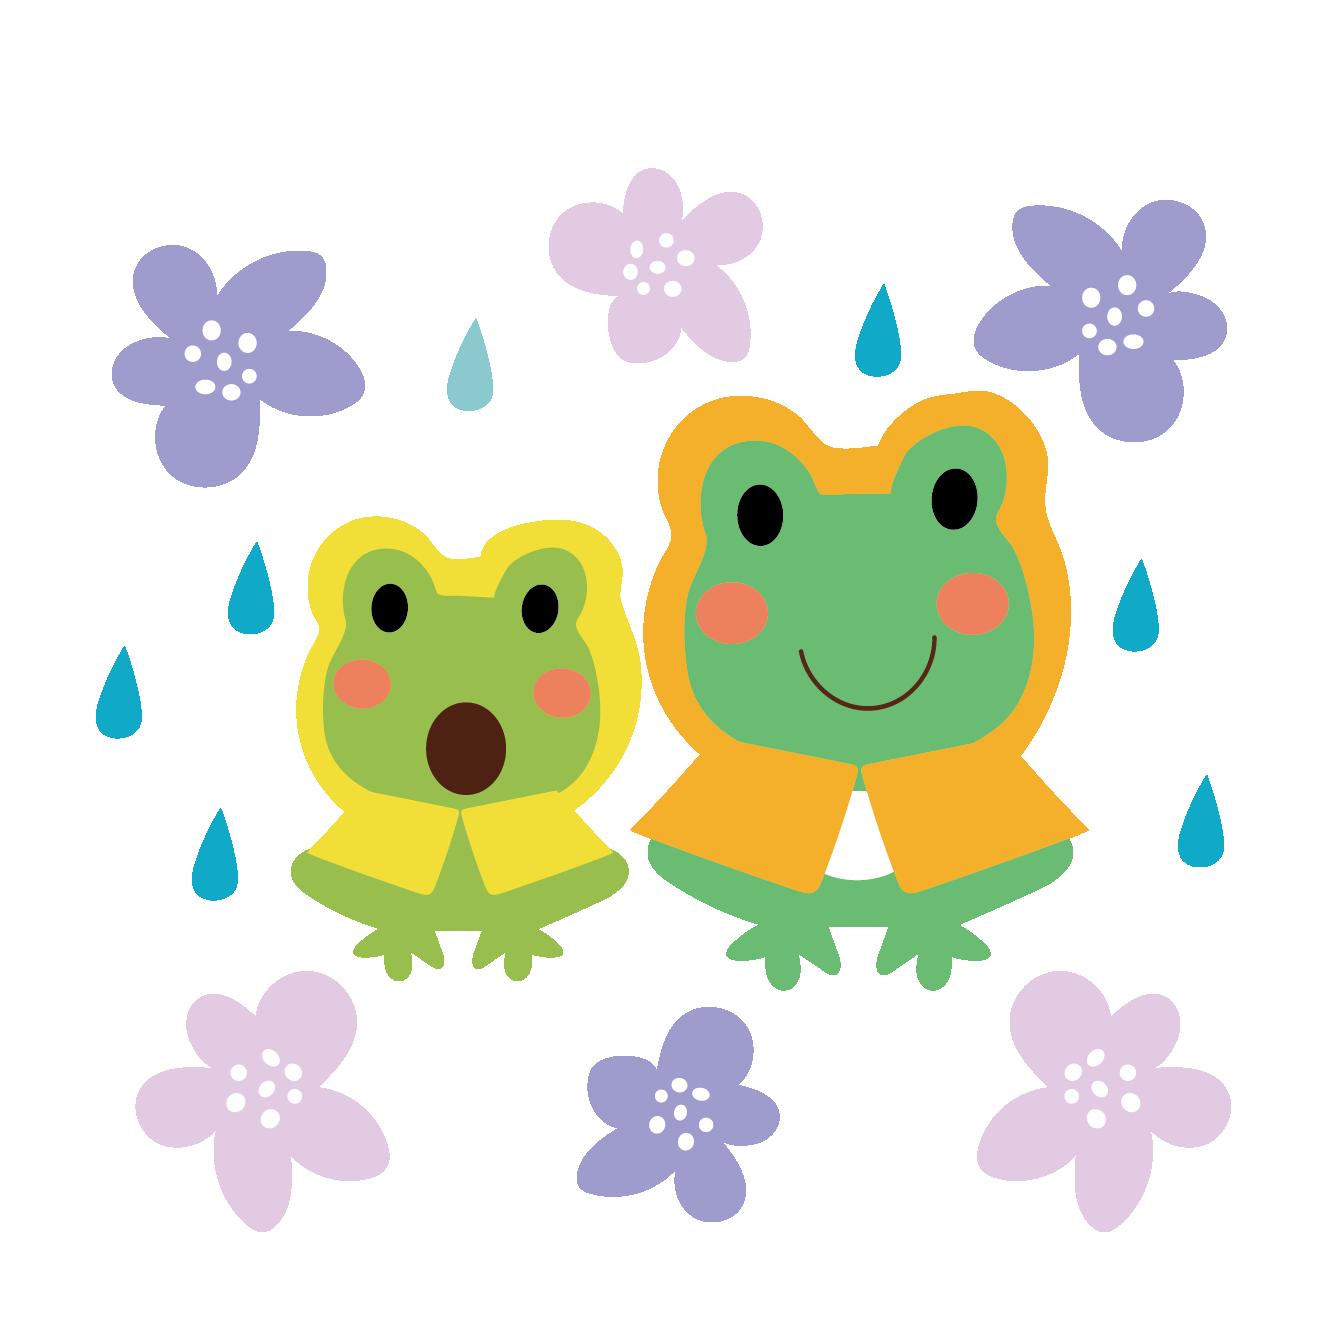 レインコートを着た カエル蛙の親子のイラスト梅雨 商用フリー